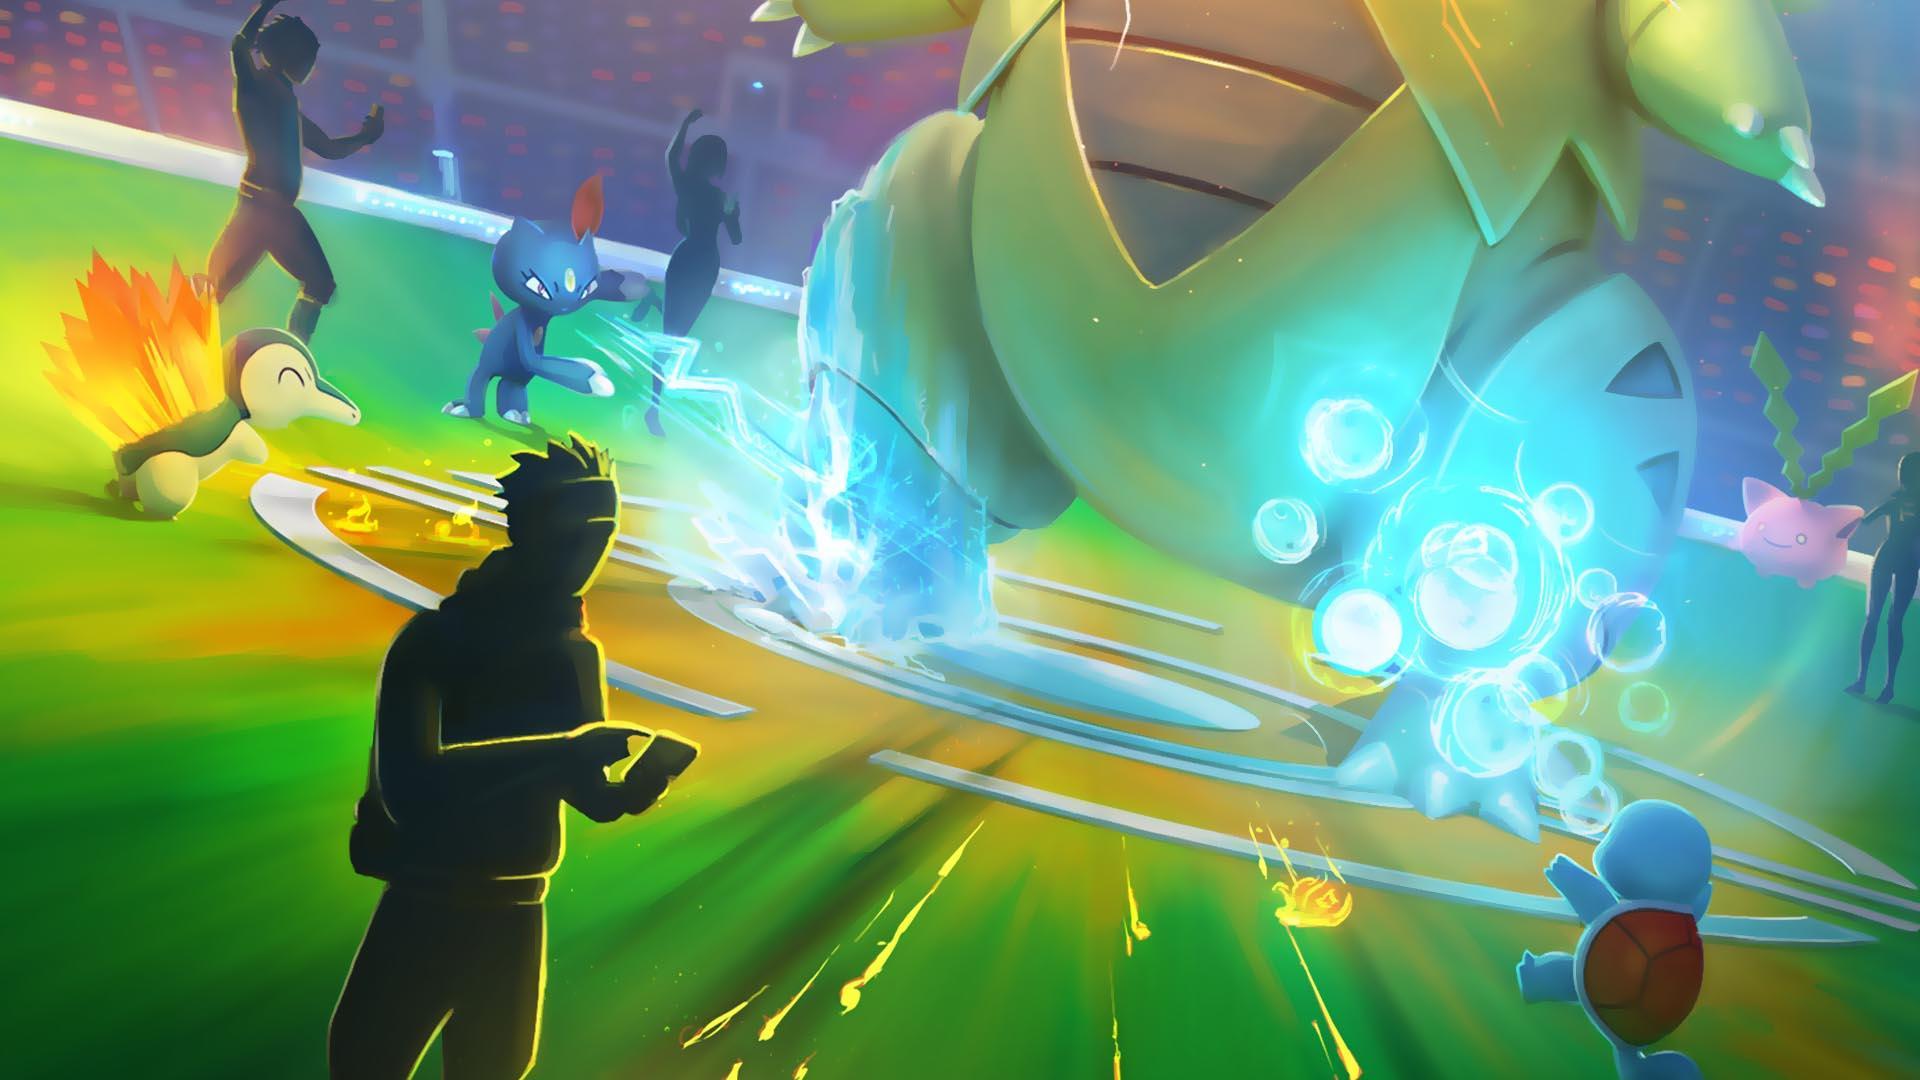 Niantic clarifies Pokémon GO's three-strike ban policy